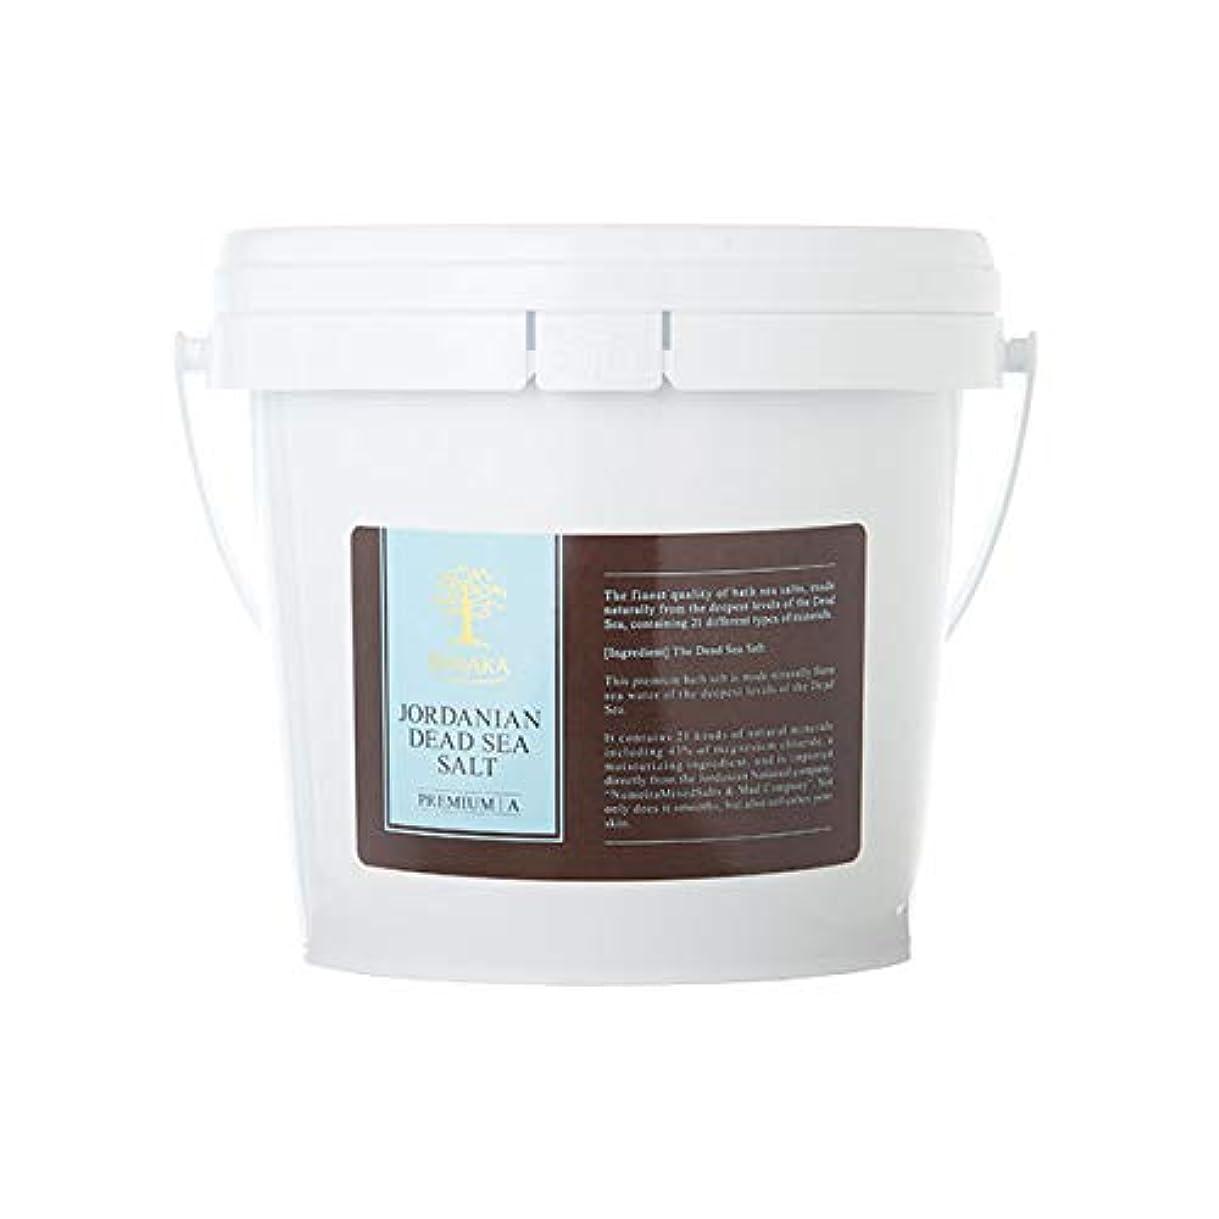 階層スツールパステルBARAKA(バラカ) ジョルダニアン デッドシー ソルト バケツ 1.5kg バスソルト 入浴剤 ヨルダン産死海塩100%